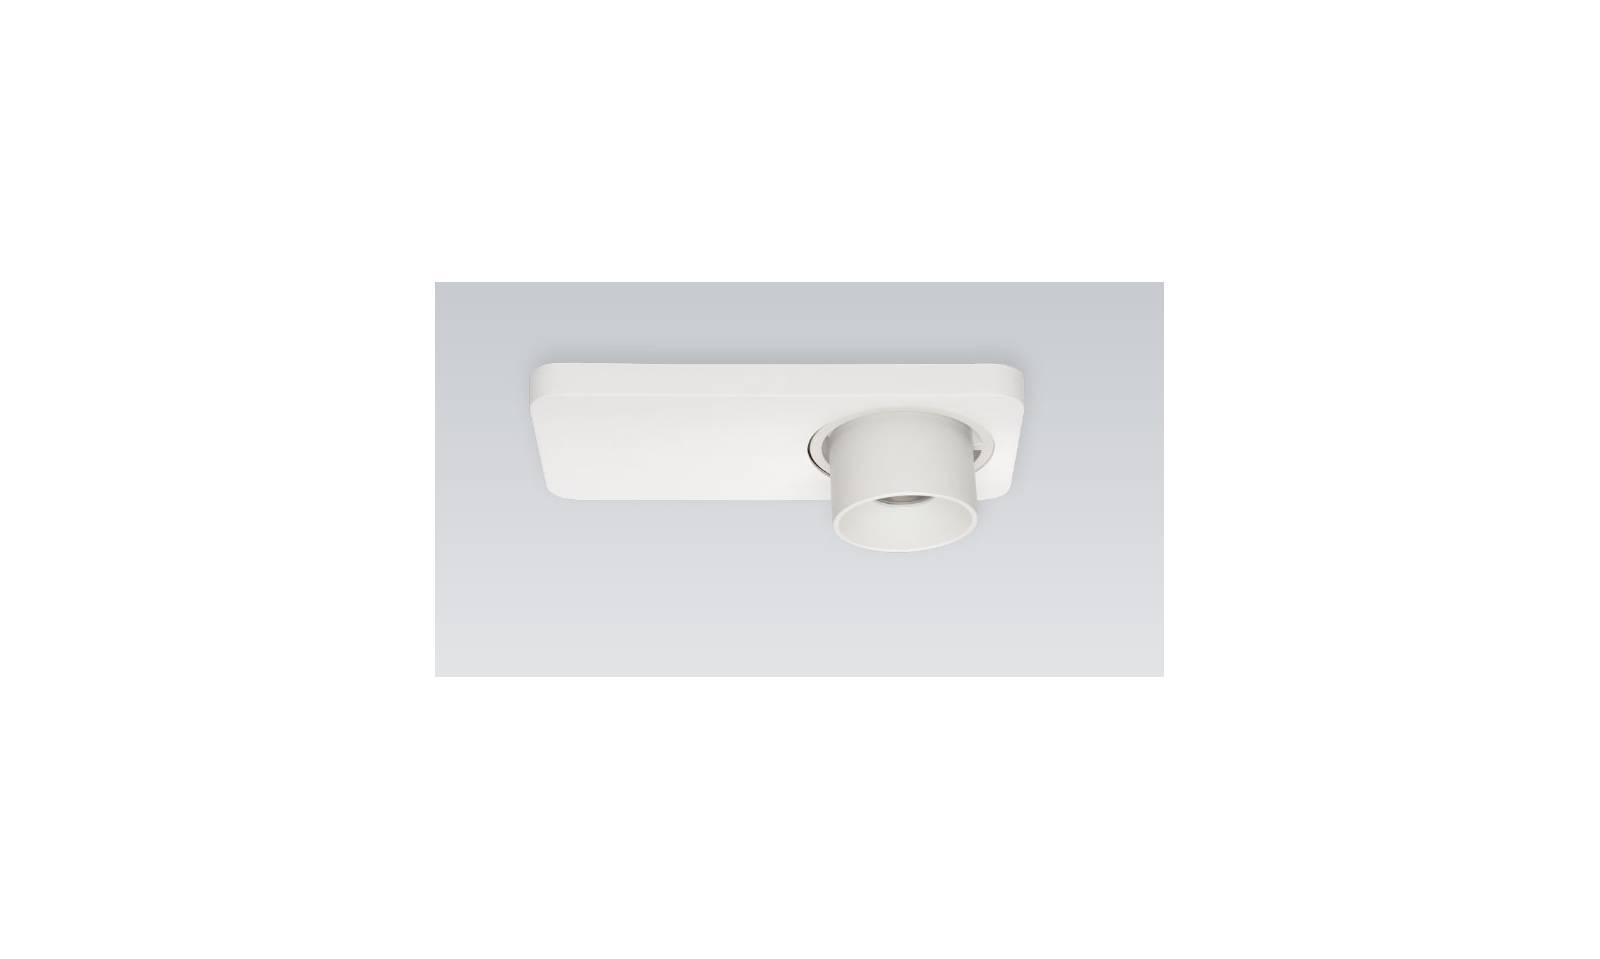 Faretto da parete o soffitto linea light in alluminio serie beebo